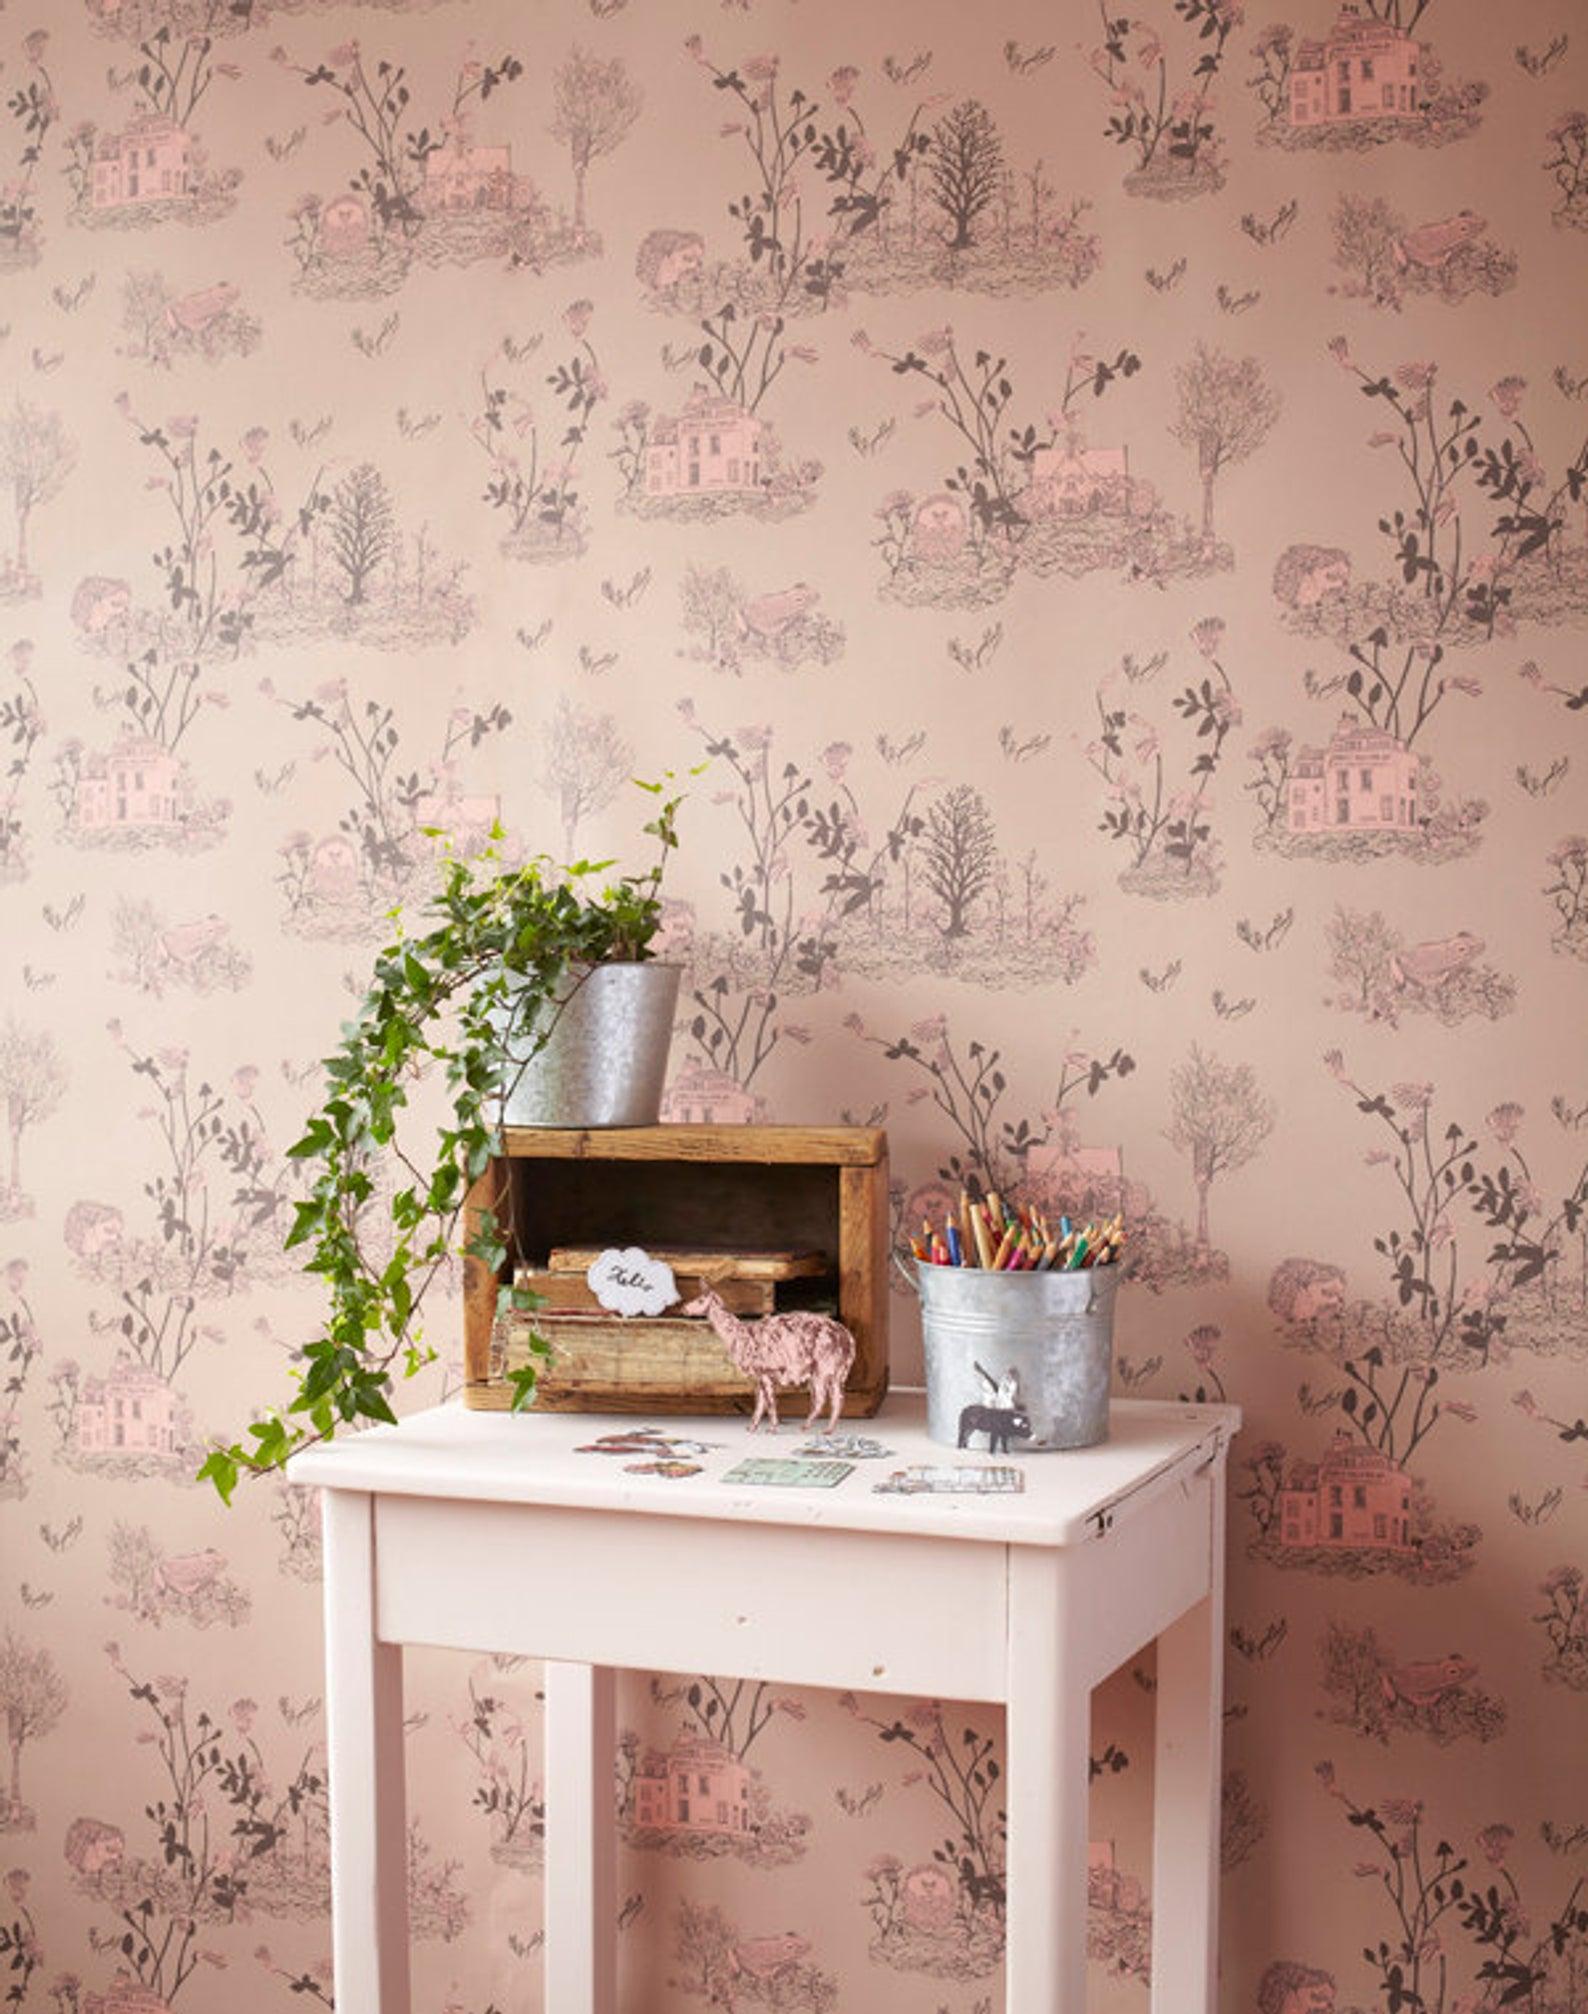 Woodlands Wallpaper By Sian Zeng